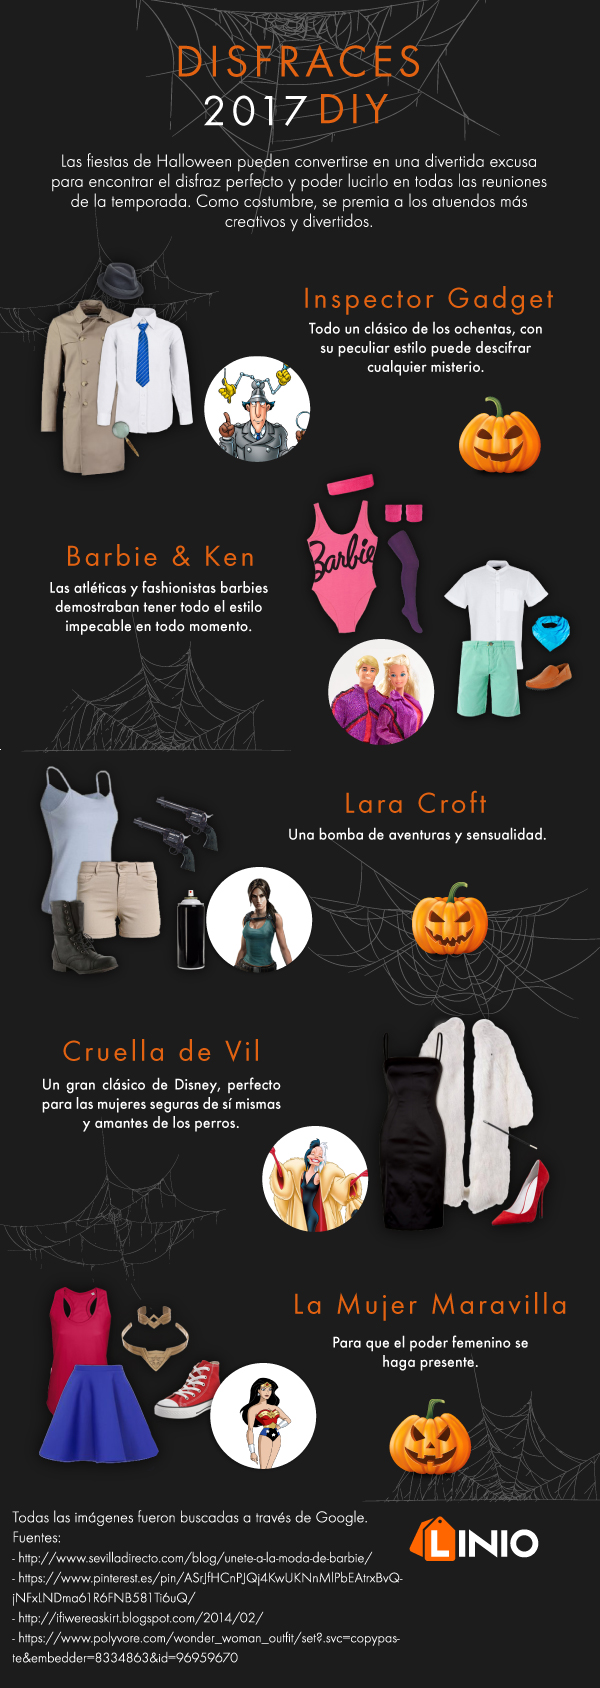 Los mejores disfraces DIY para esta Halloween 2017 - disfraces_diy_infografia